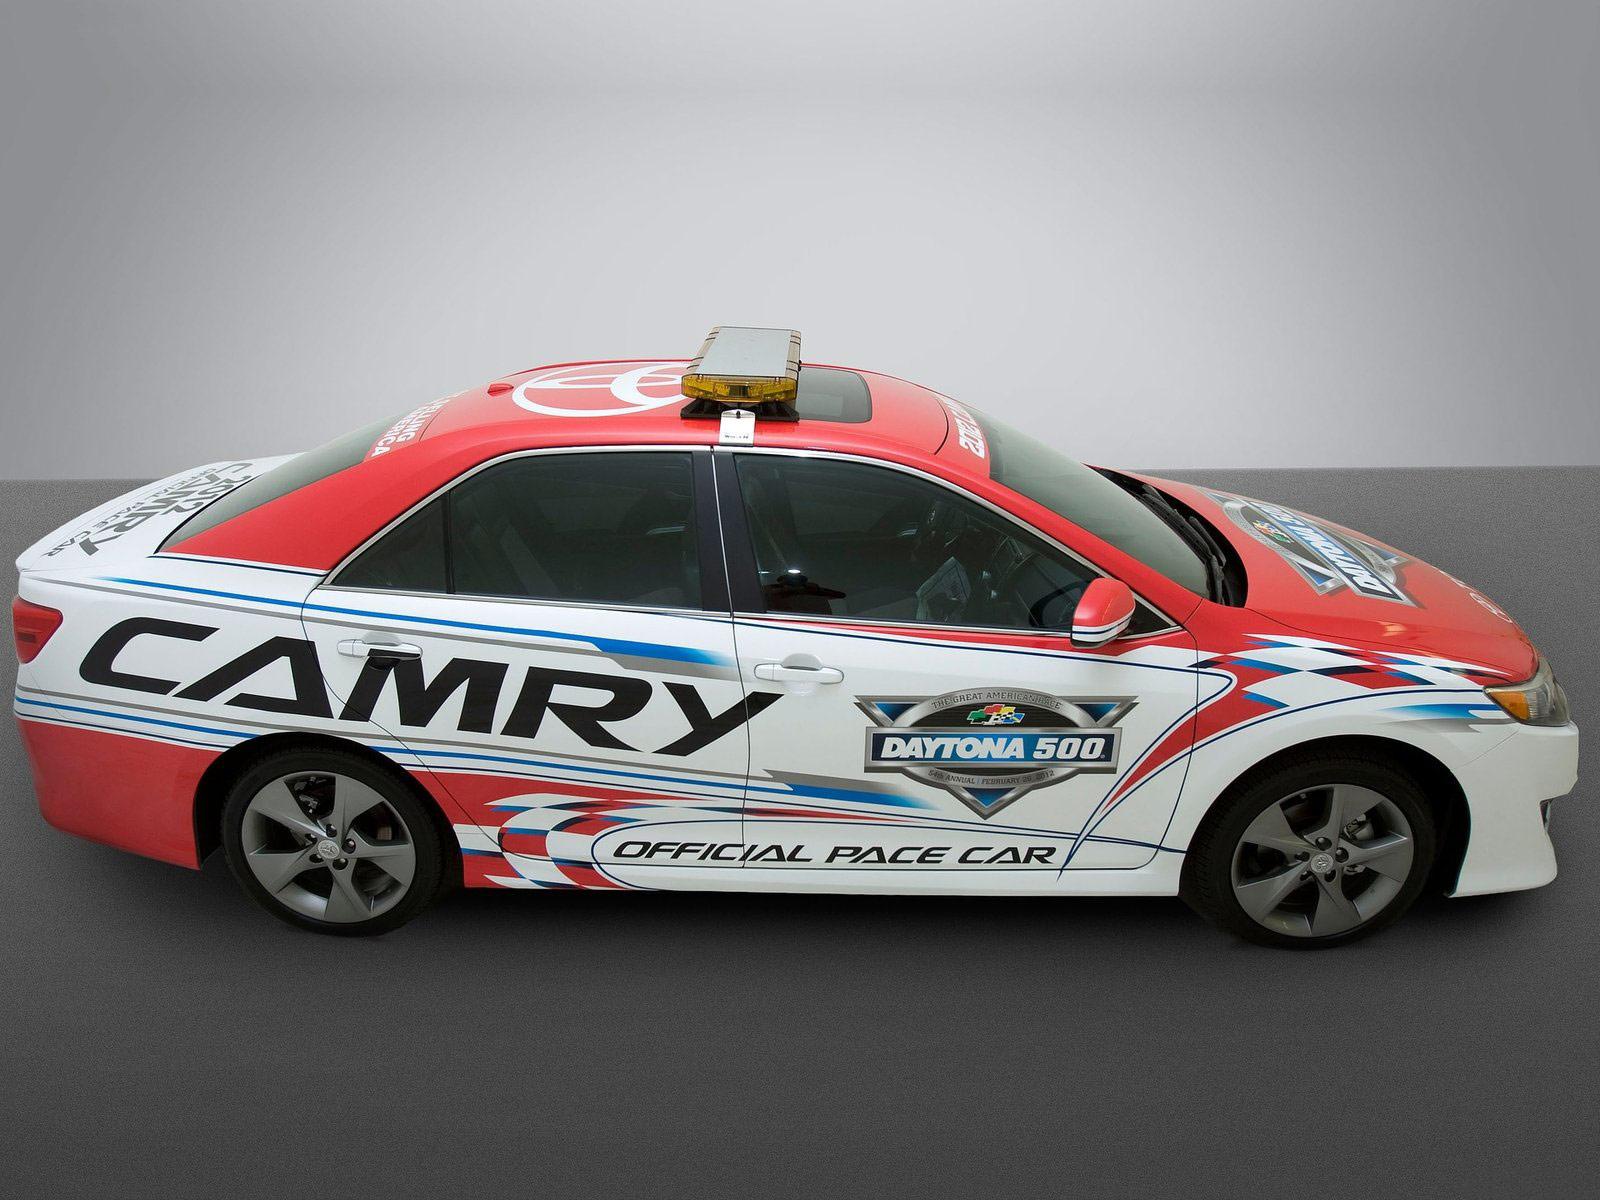 2012 TOYOTA Camry Daytona 500 Pace Car Photos